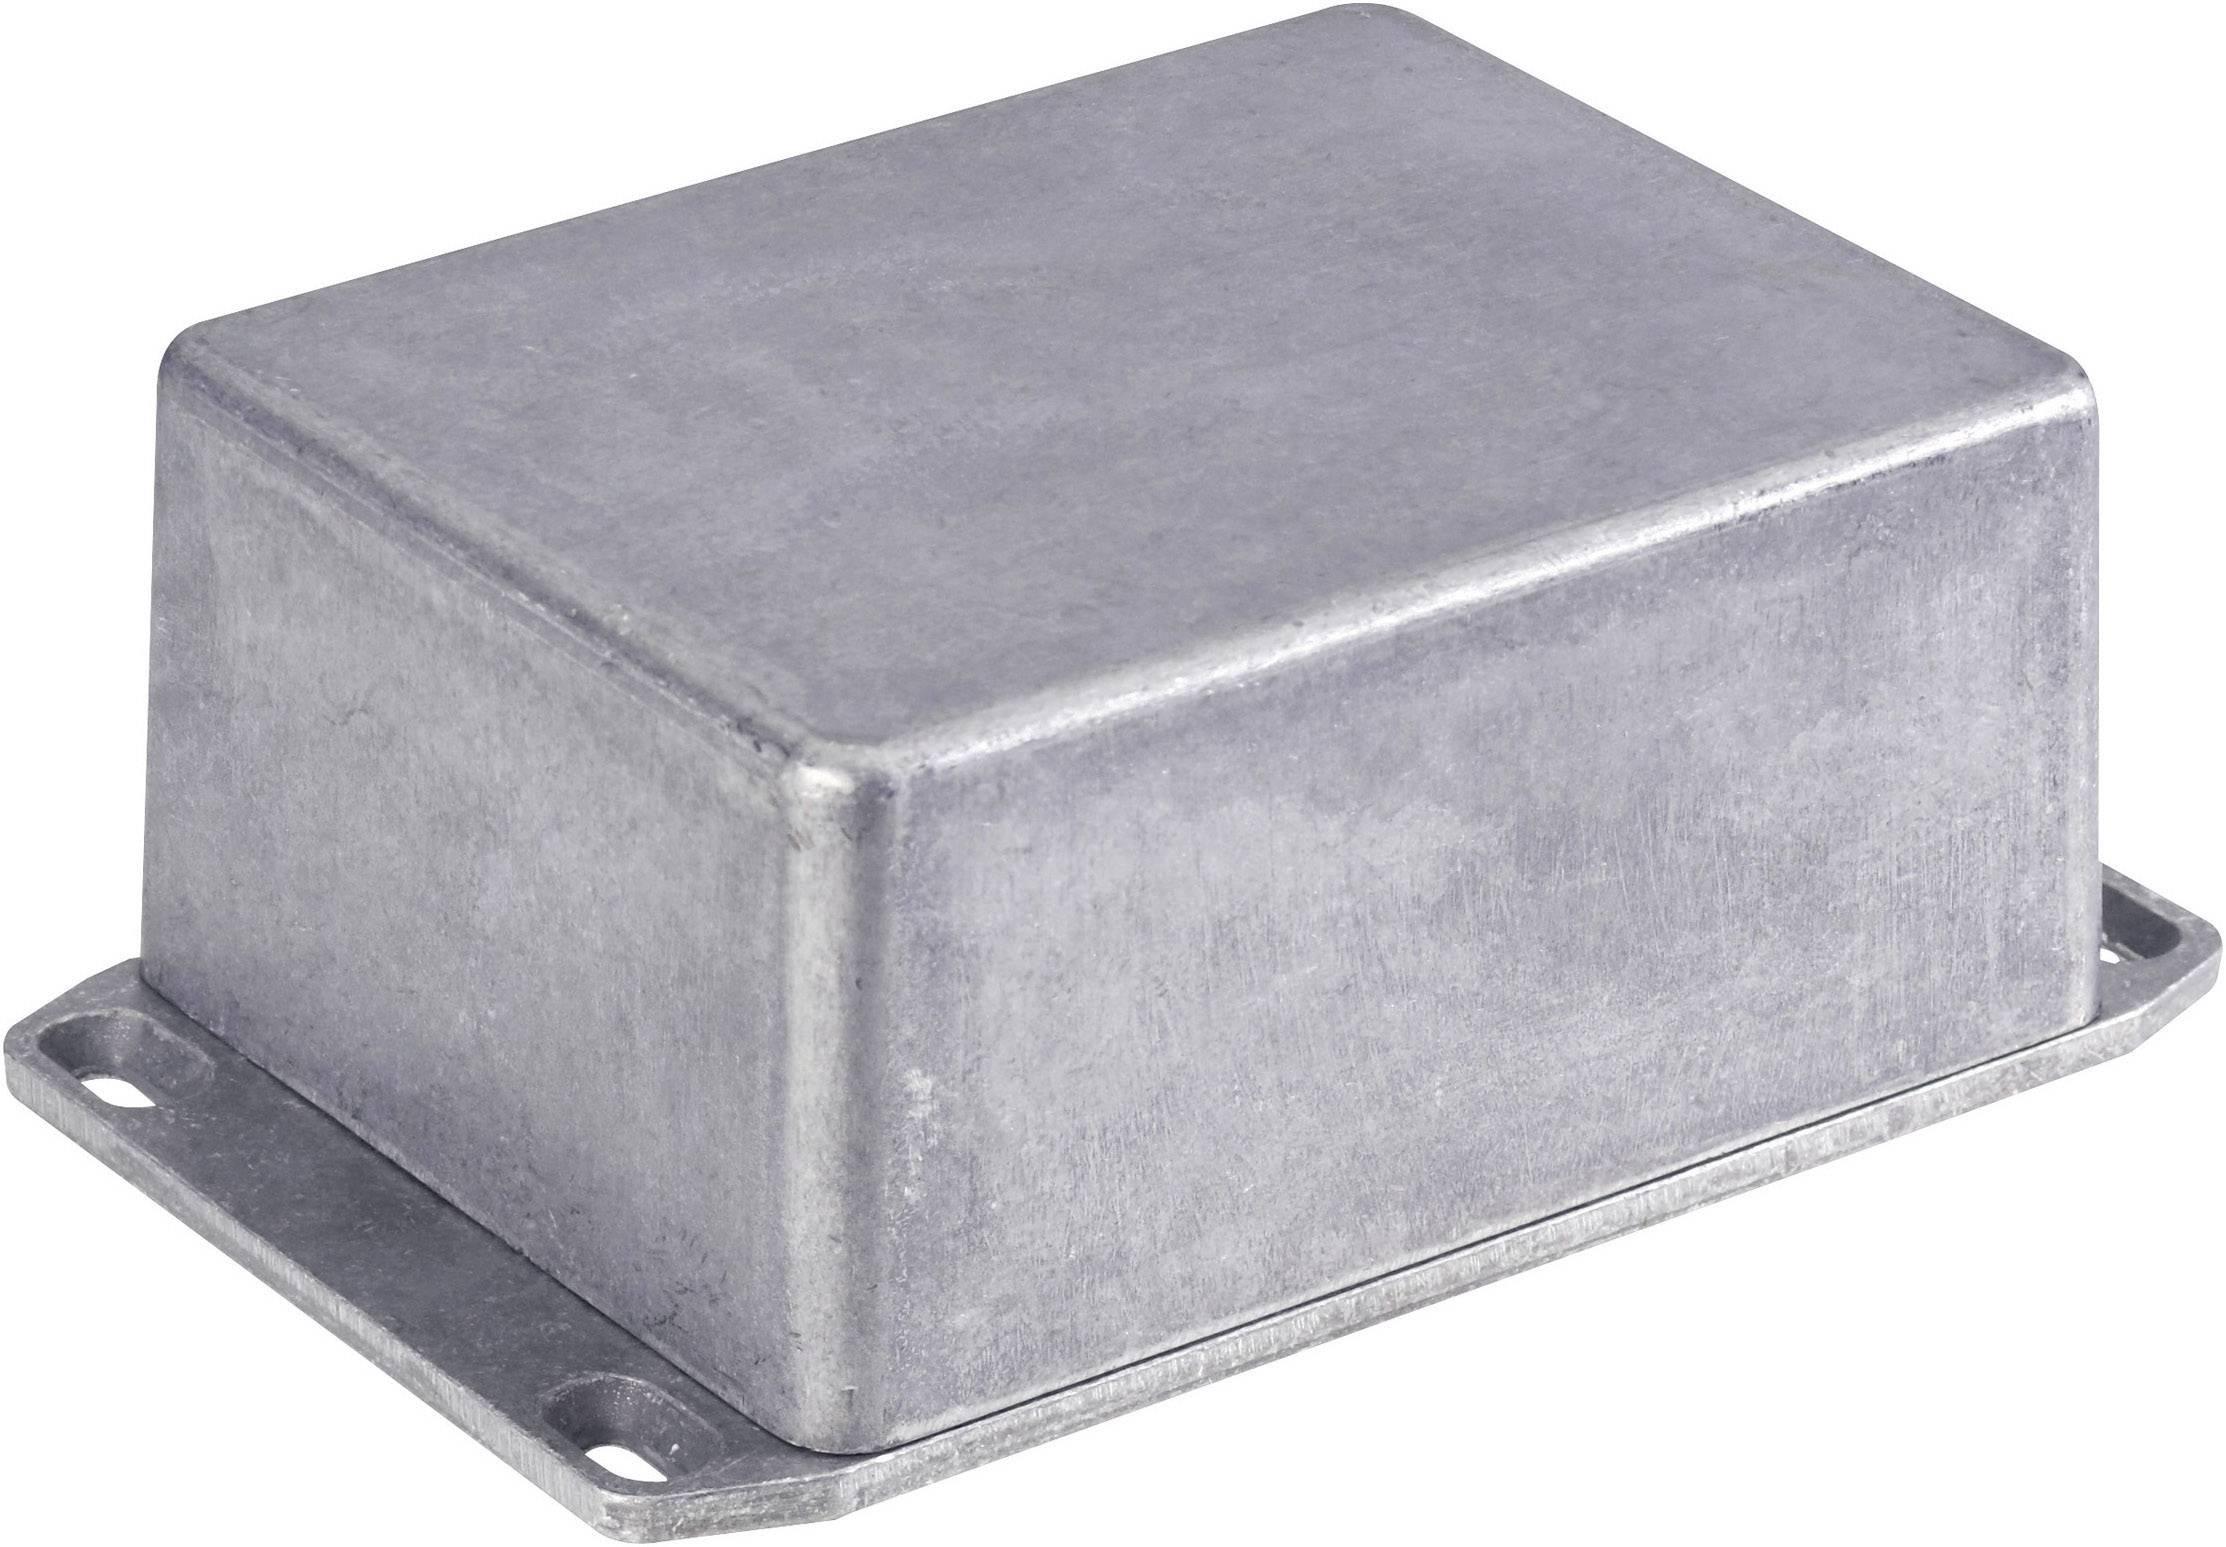 Tlakem lité hliníkové pouzdro Hammond Electronics, (d x š x v) 121 x 80 x 59 mm, hliníková